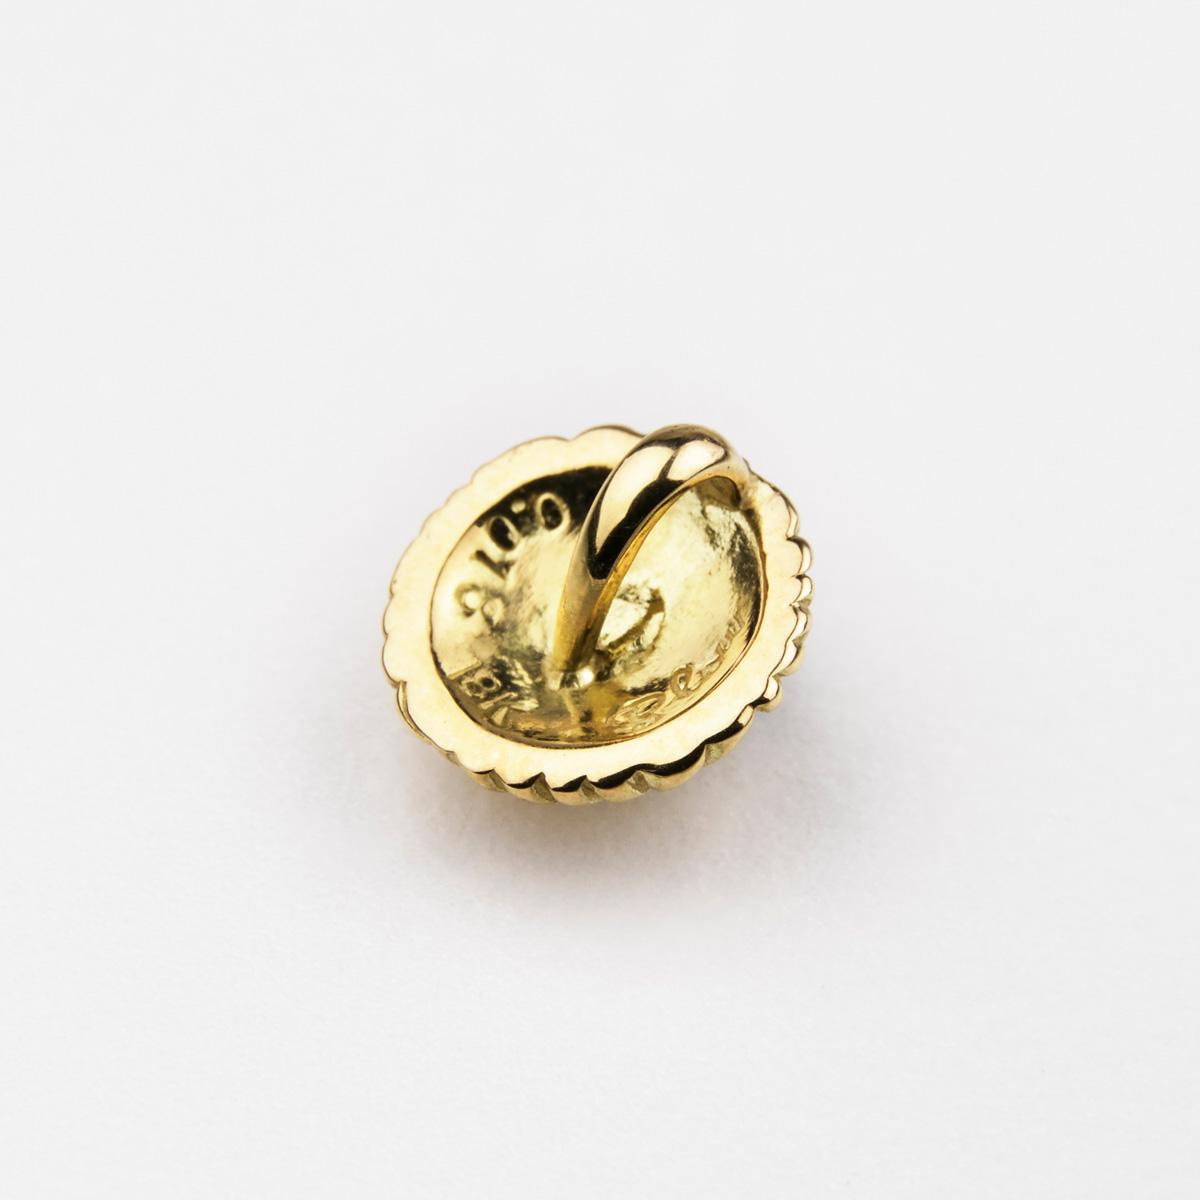 ファニー スロー・メディスンホイールスモールペンダント 【GOLD×SAPPHIRE】 ネックレス メンズ レディース 男女兼用 ユニセックス 18K ゴールド 金 サファイア プレゼント ギフト アクセサリー Slow Jewelry